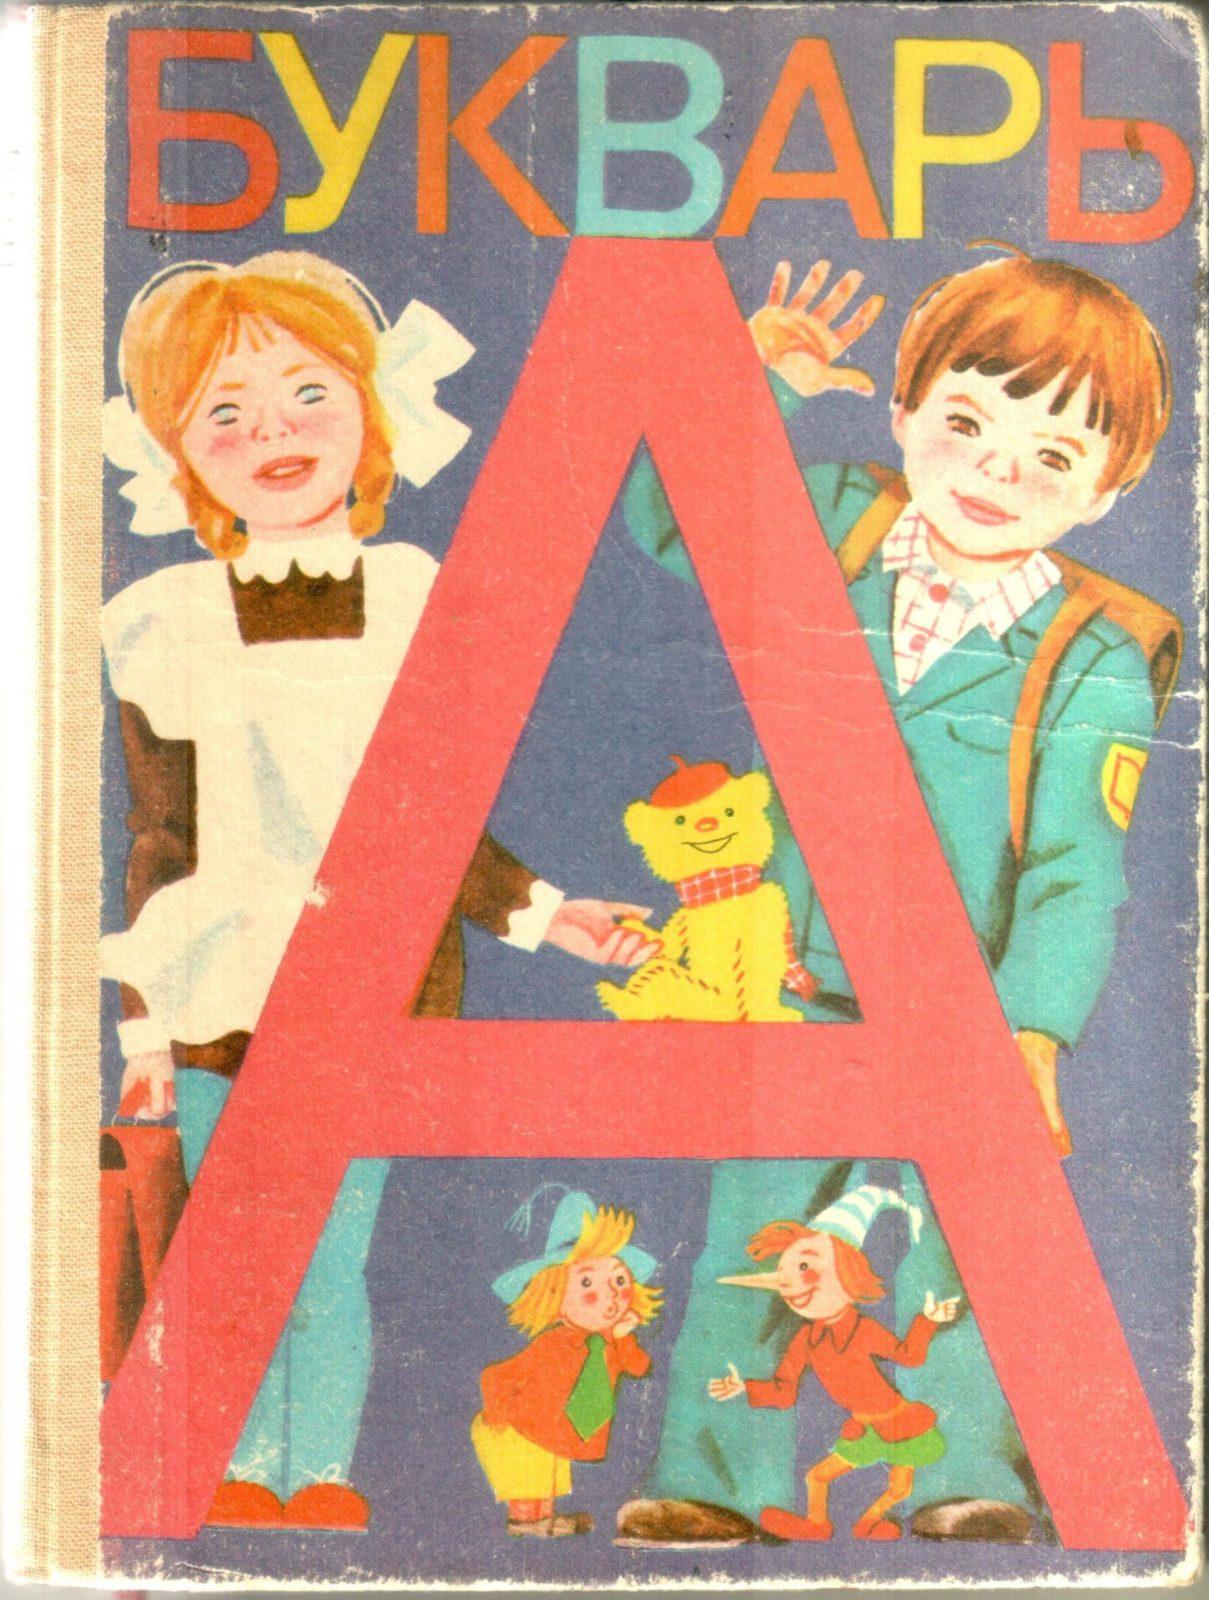 Букварь, издание восьмое, 1988 г.